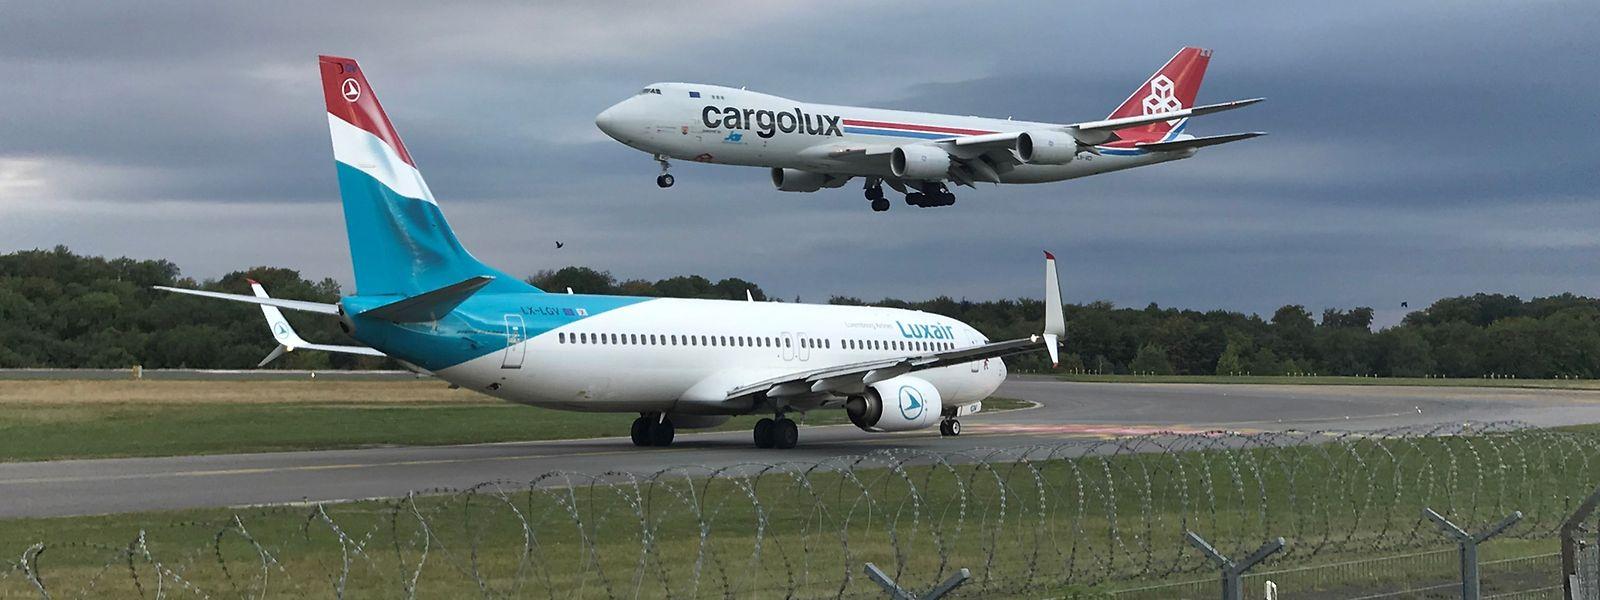 Angst vor dem Dominoeffekt: Luxair gehören 35 Prozent an Cargolux, die wiederum größter Kunde von LuxairCargo sind.